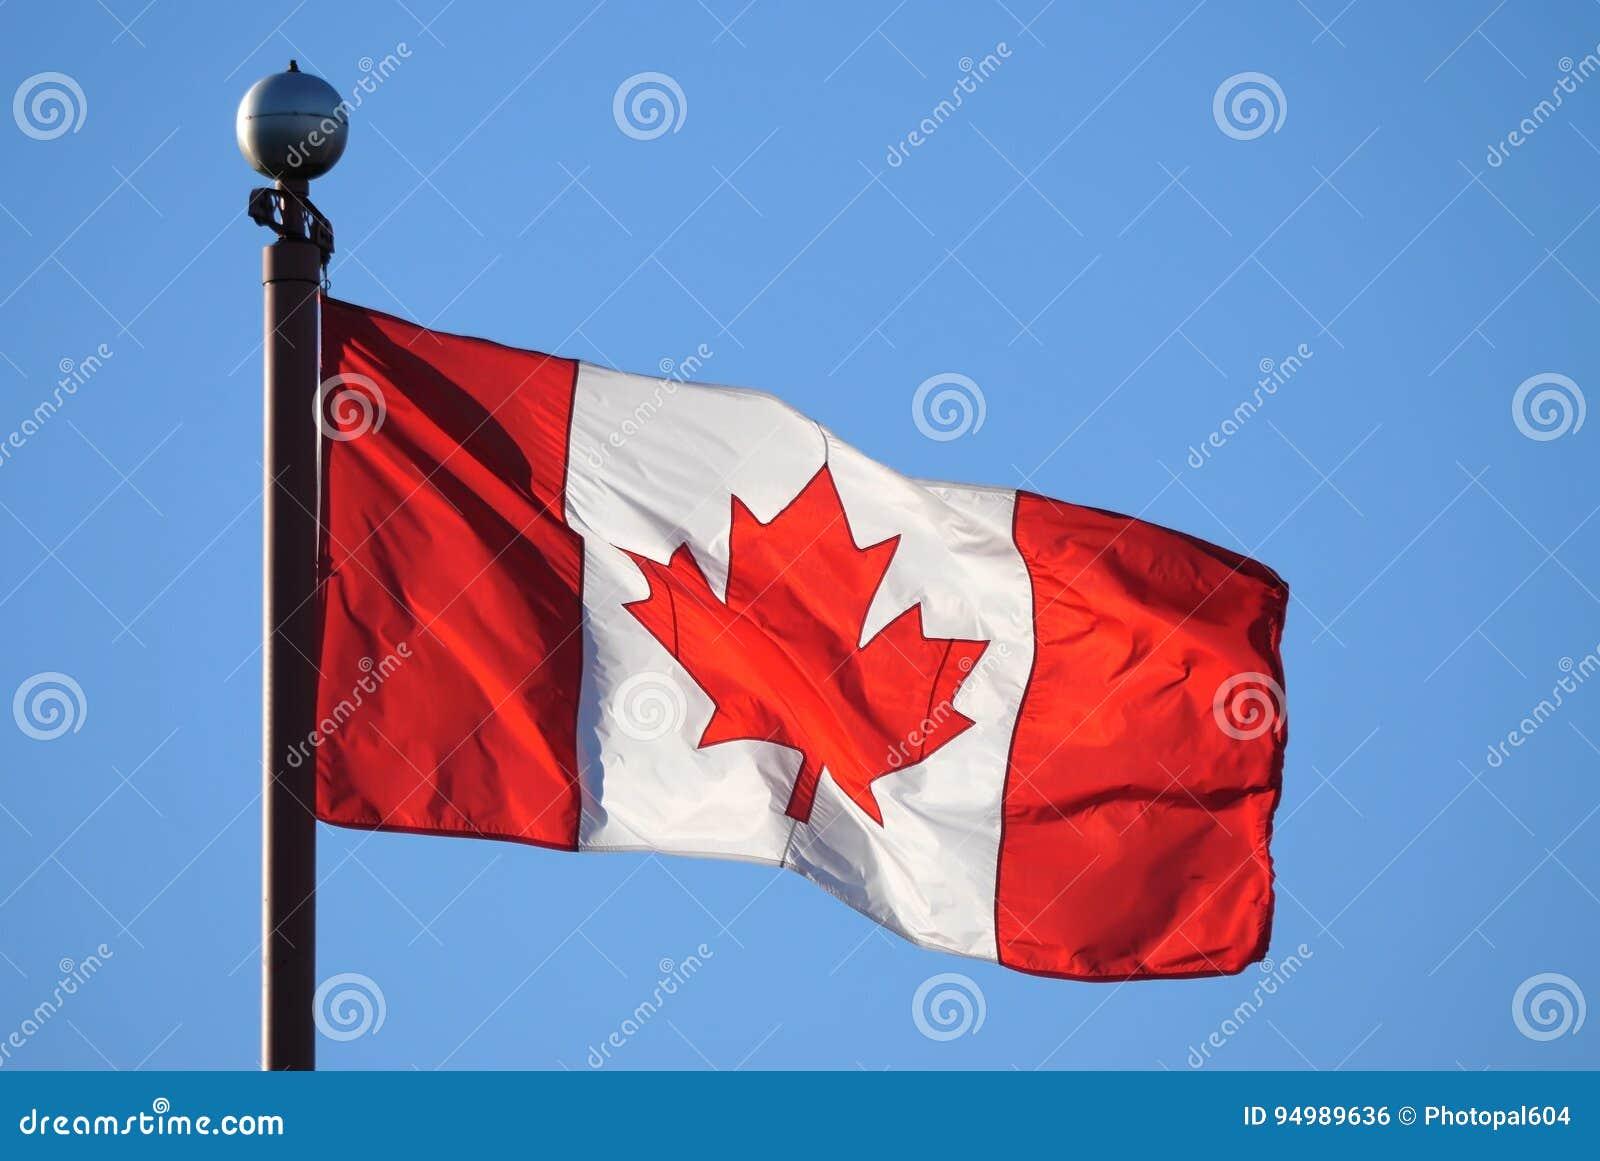 Bandeira canadense de ondulação contra o céu azul